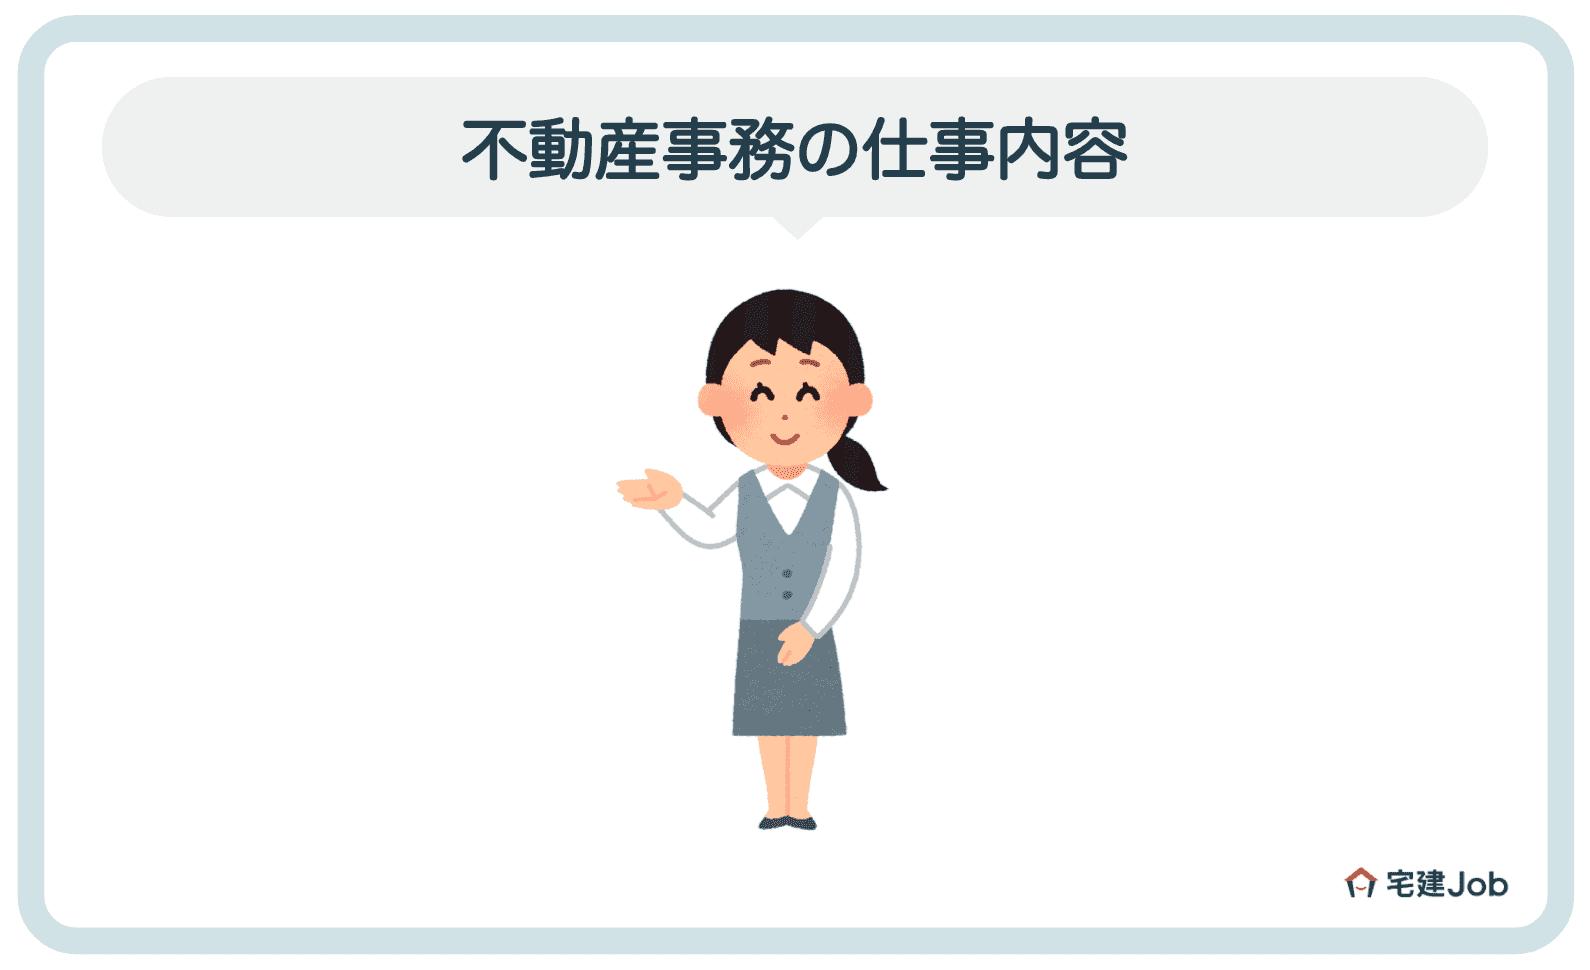 2.不動産事務の仕事内容【未経験からでも覚えられる?】